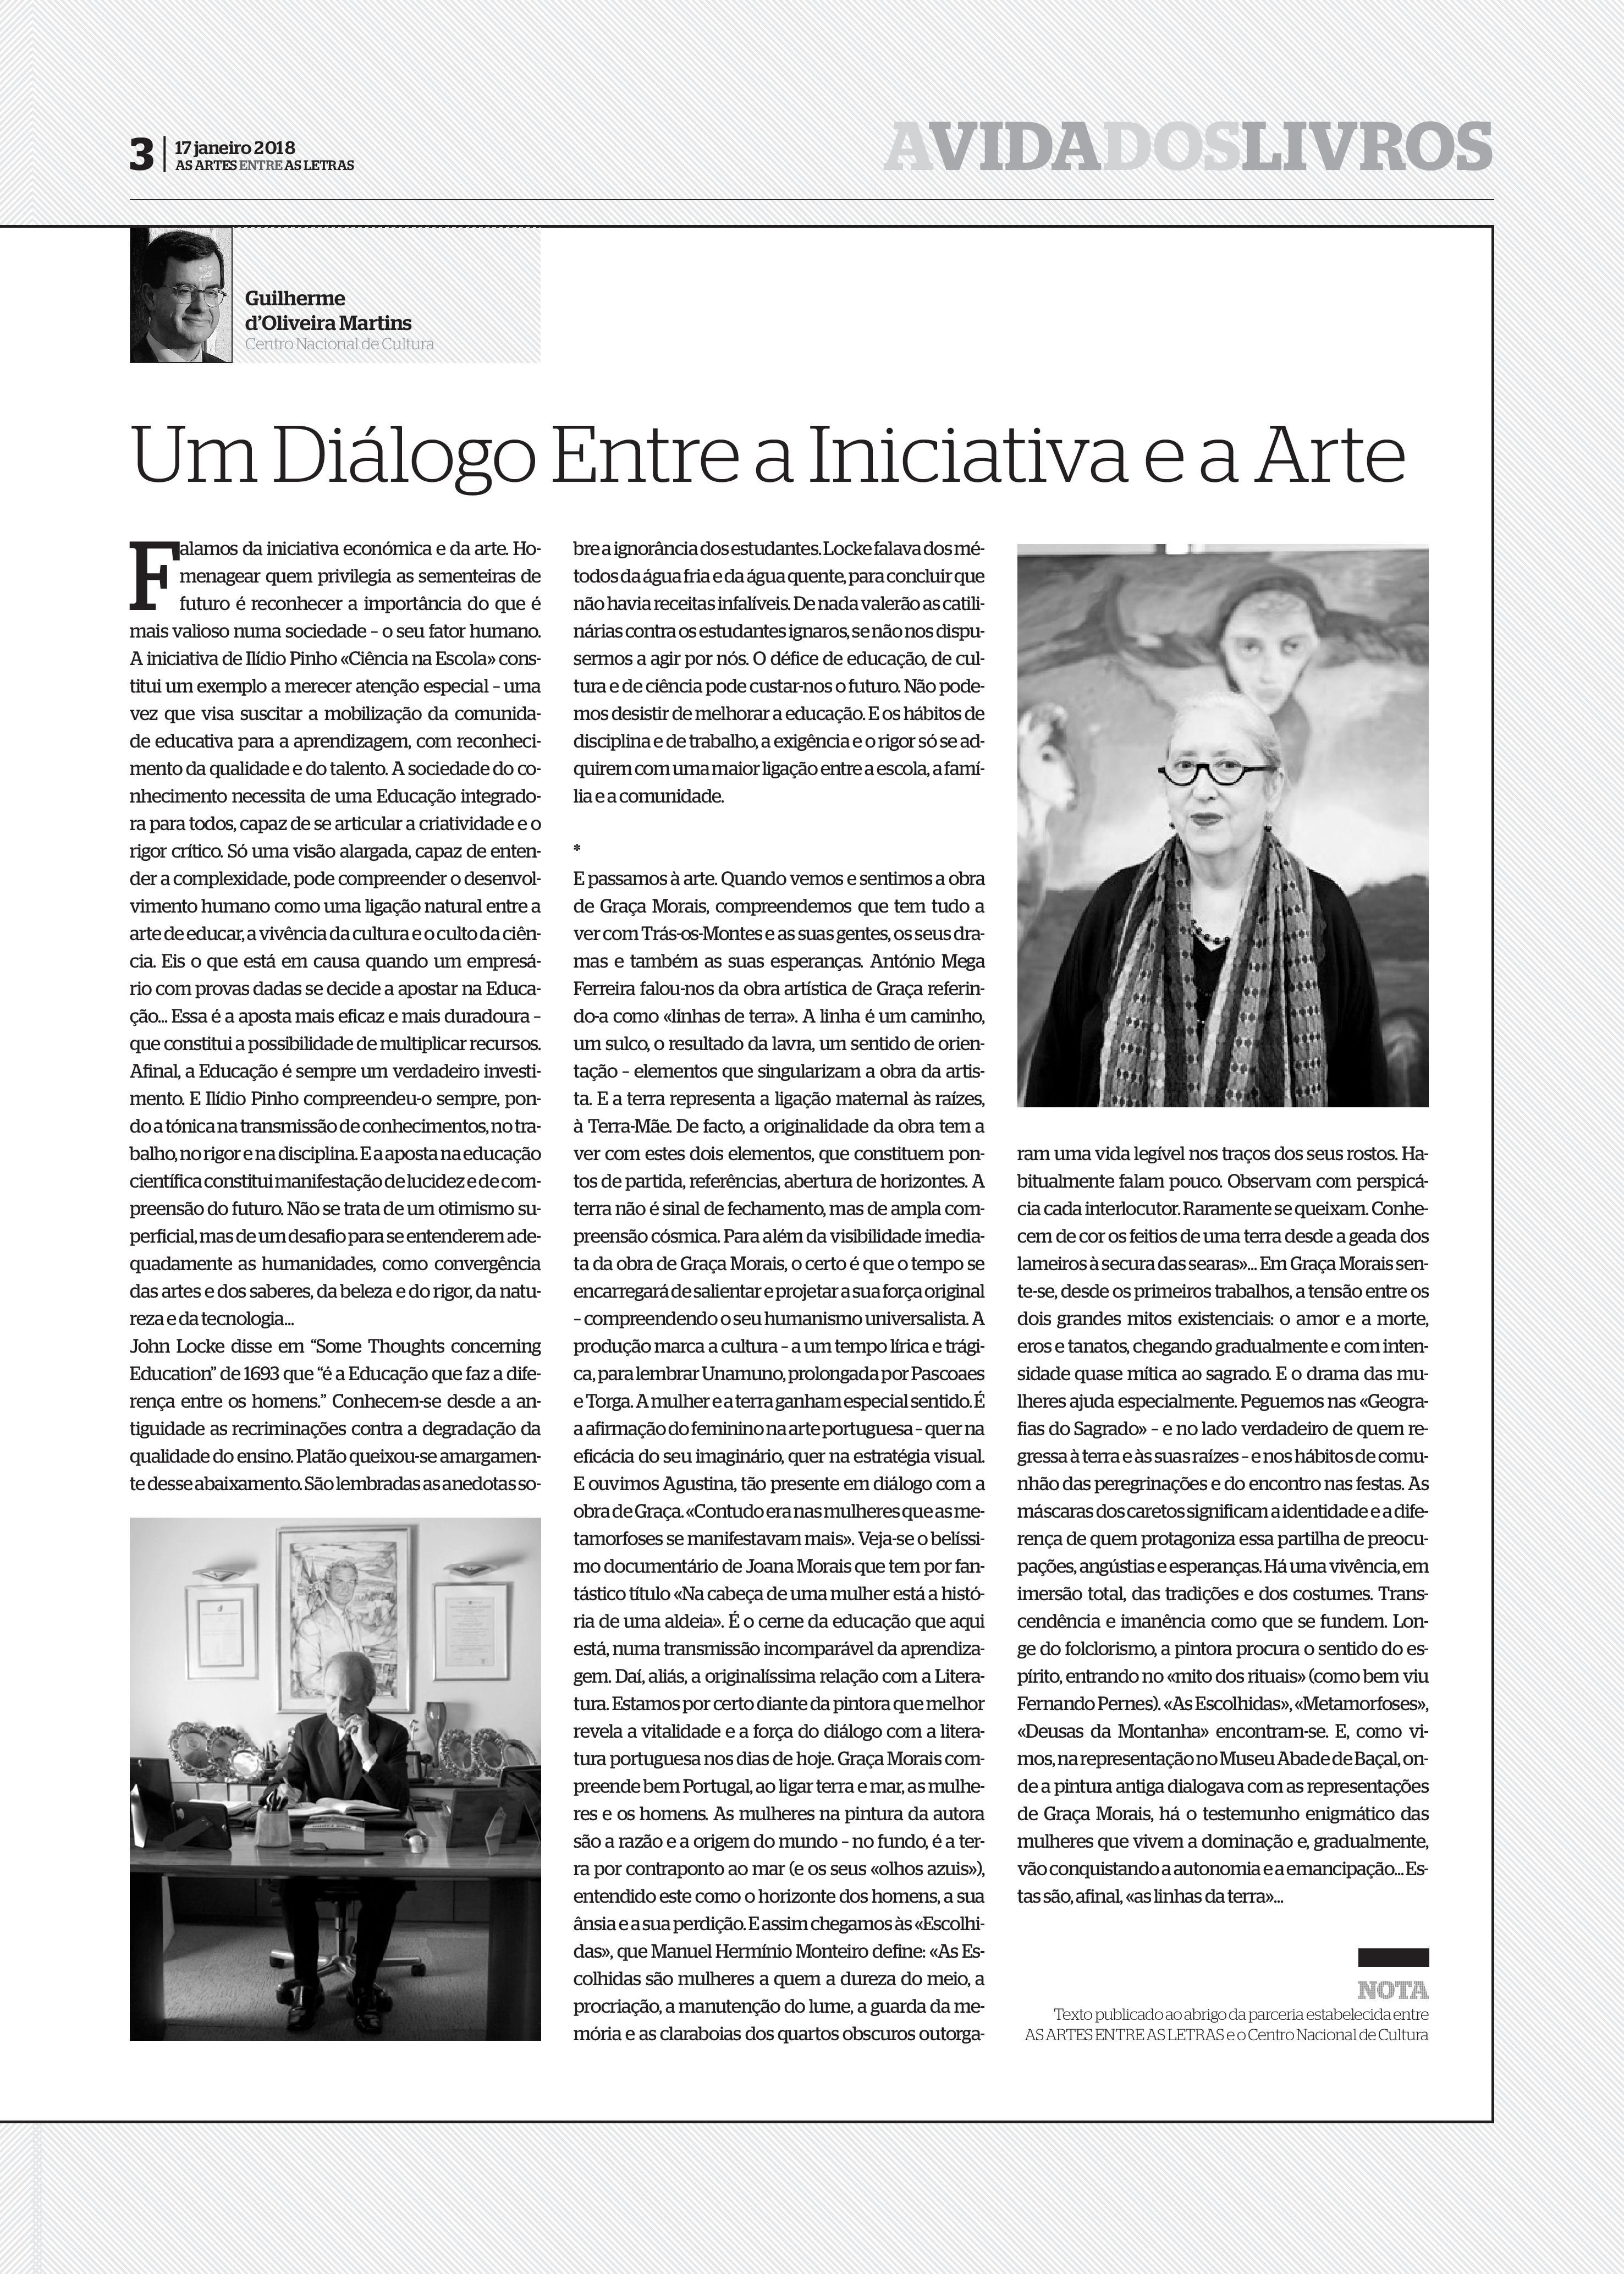 Um diálogo entre a iniciativa e a arte